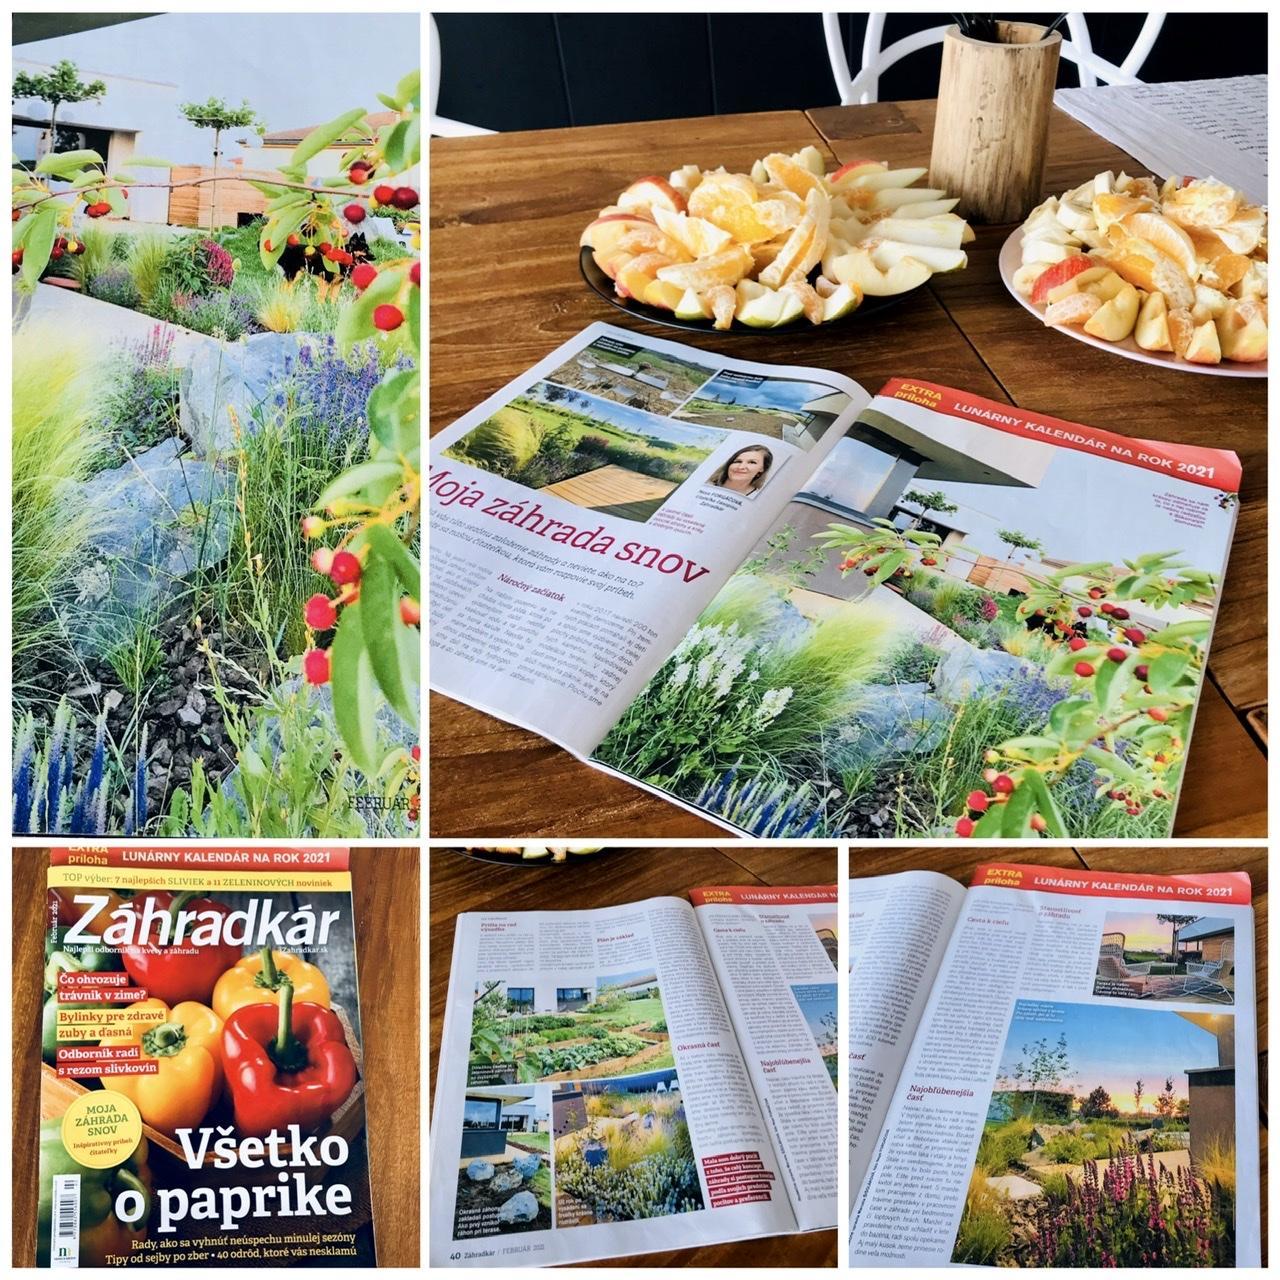 Naše L-ko - 2021 - stále dokončujeme - Príbeh našej záhrady v časopise Záhradkár č.2 :) Z povodnej dvojstrany ho zverejnili nakoniec na 4 stránkach časopisu.